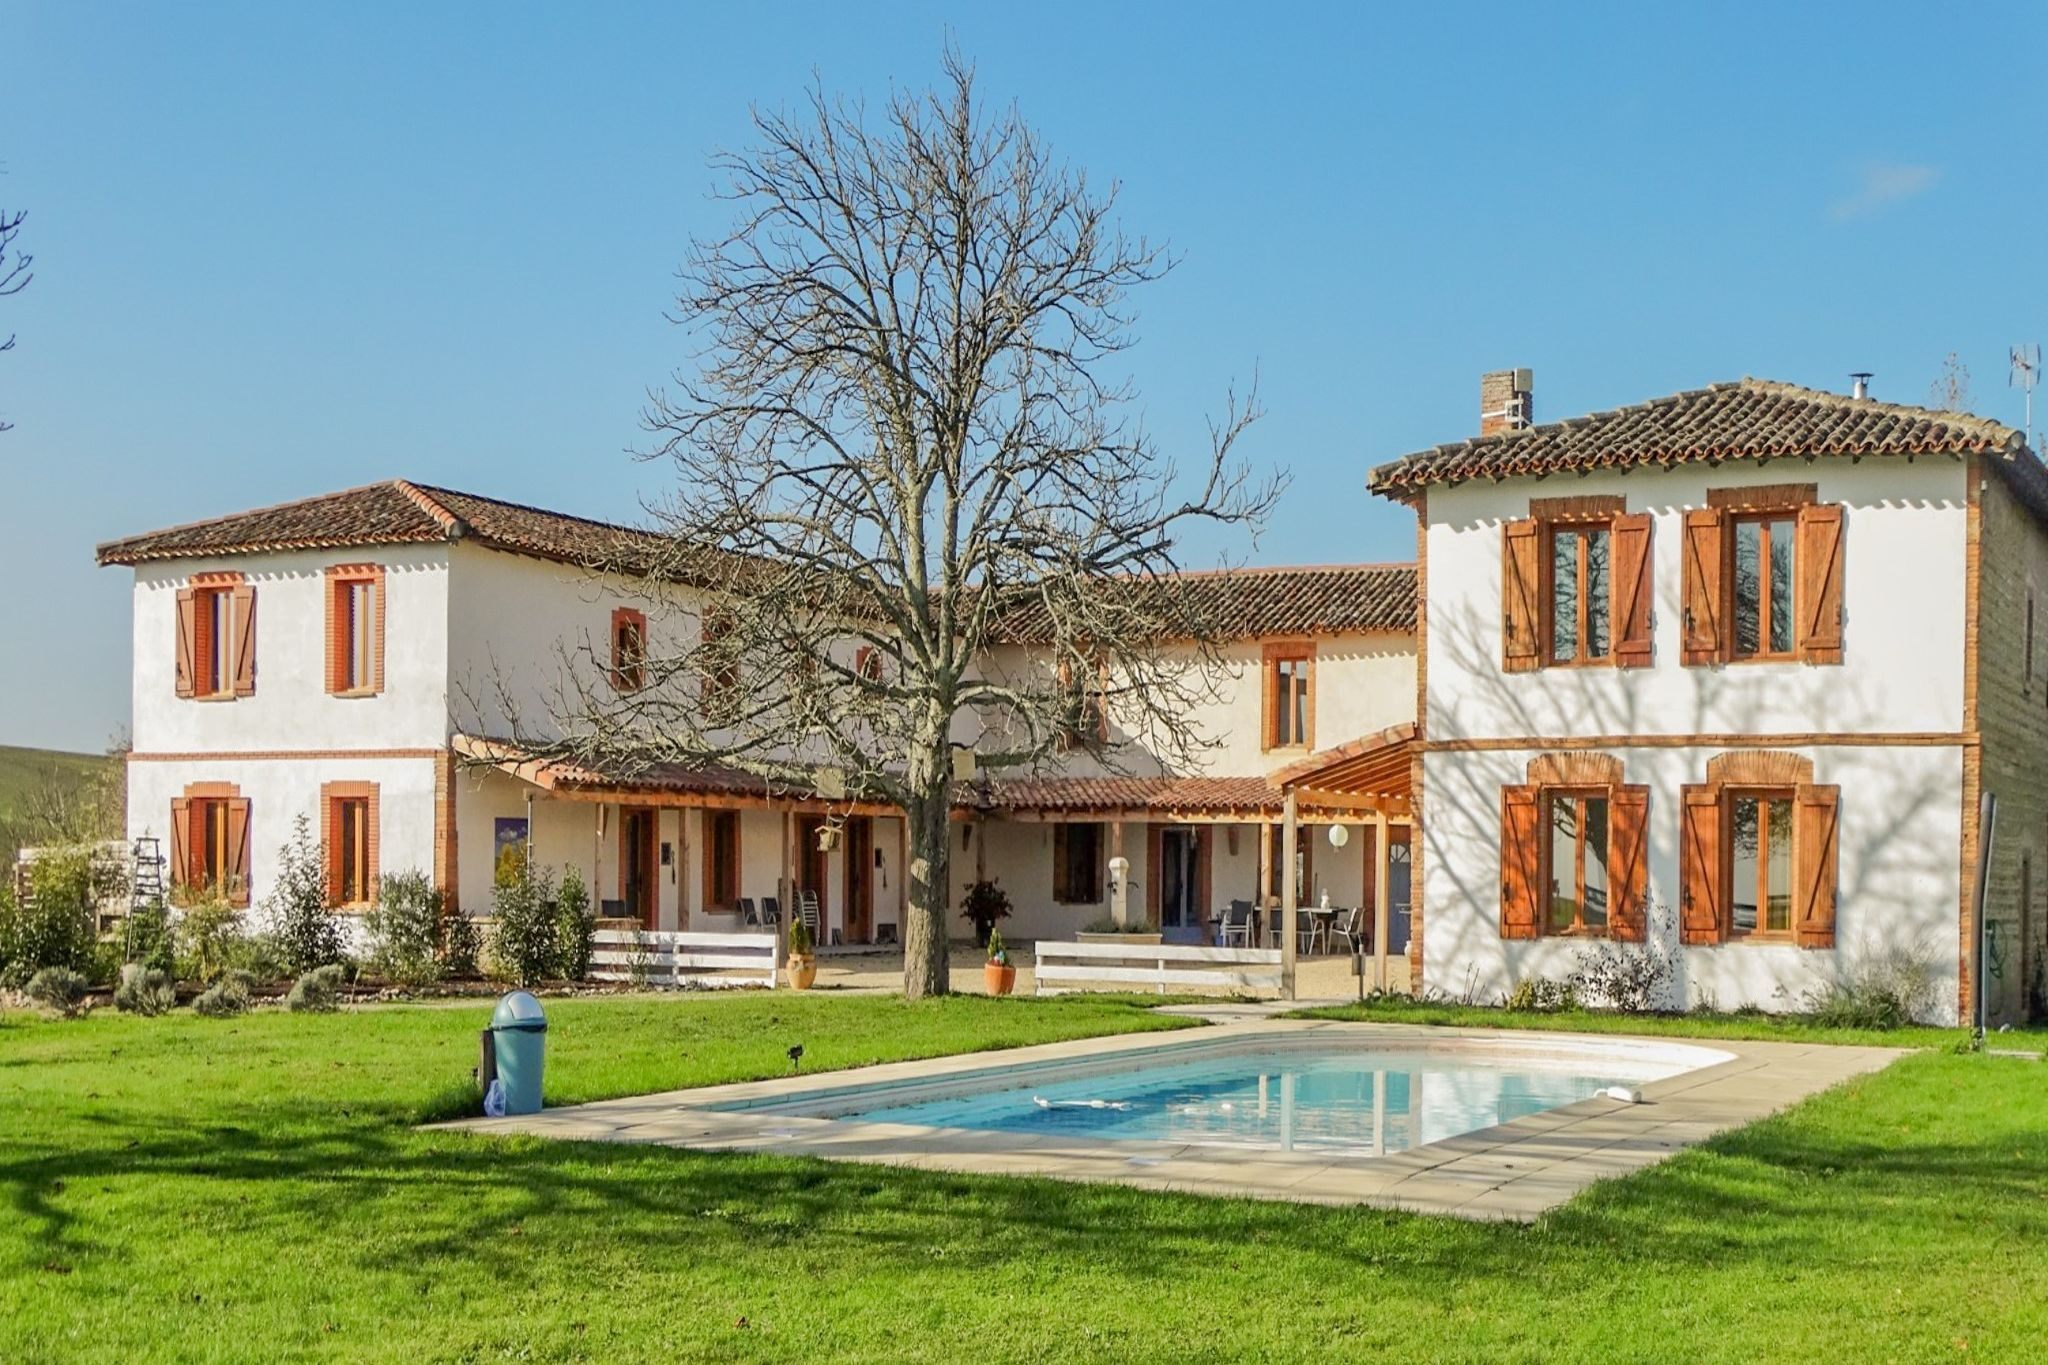 Casa con piscina en Rabastens